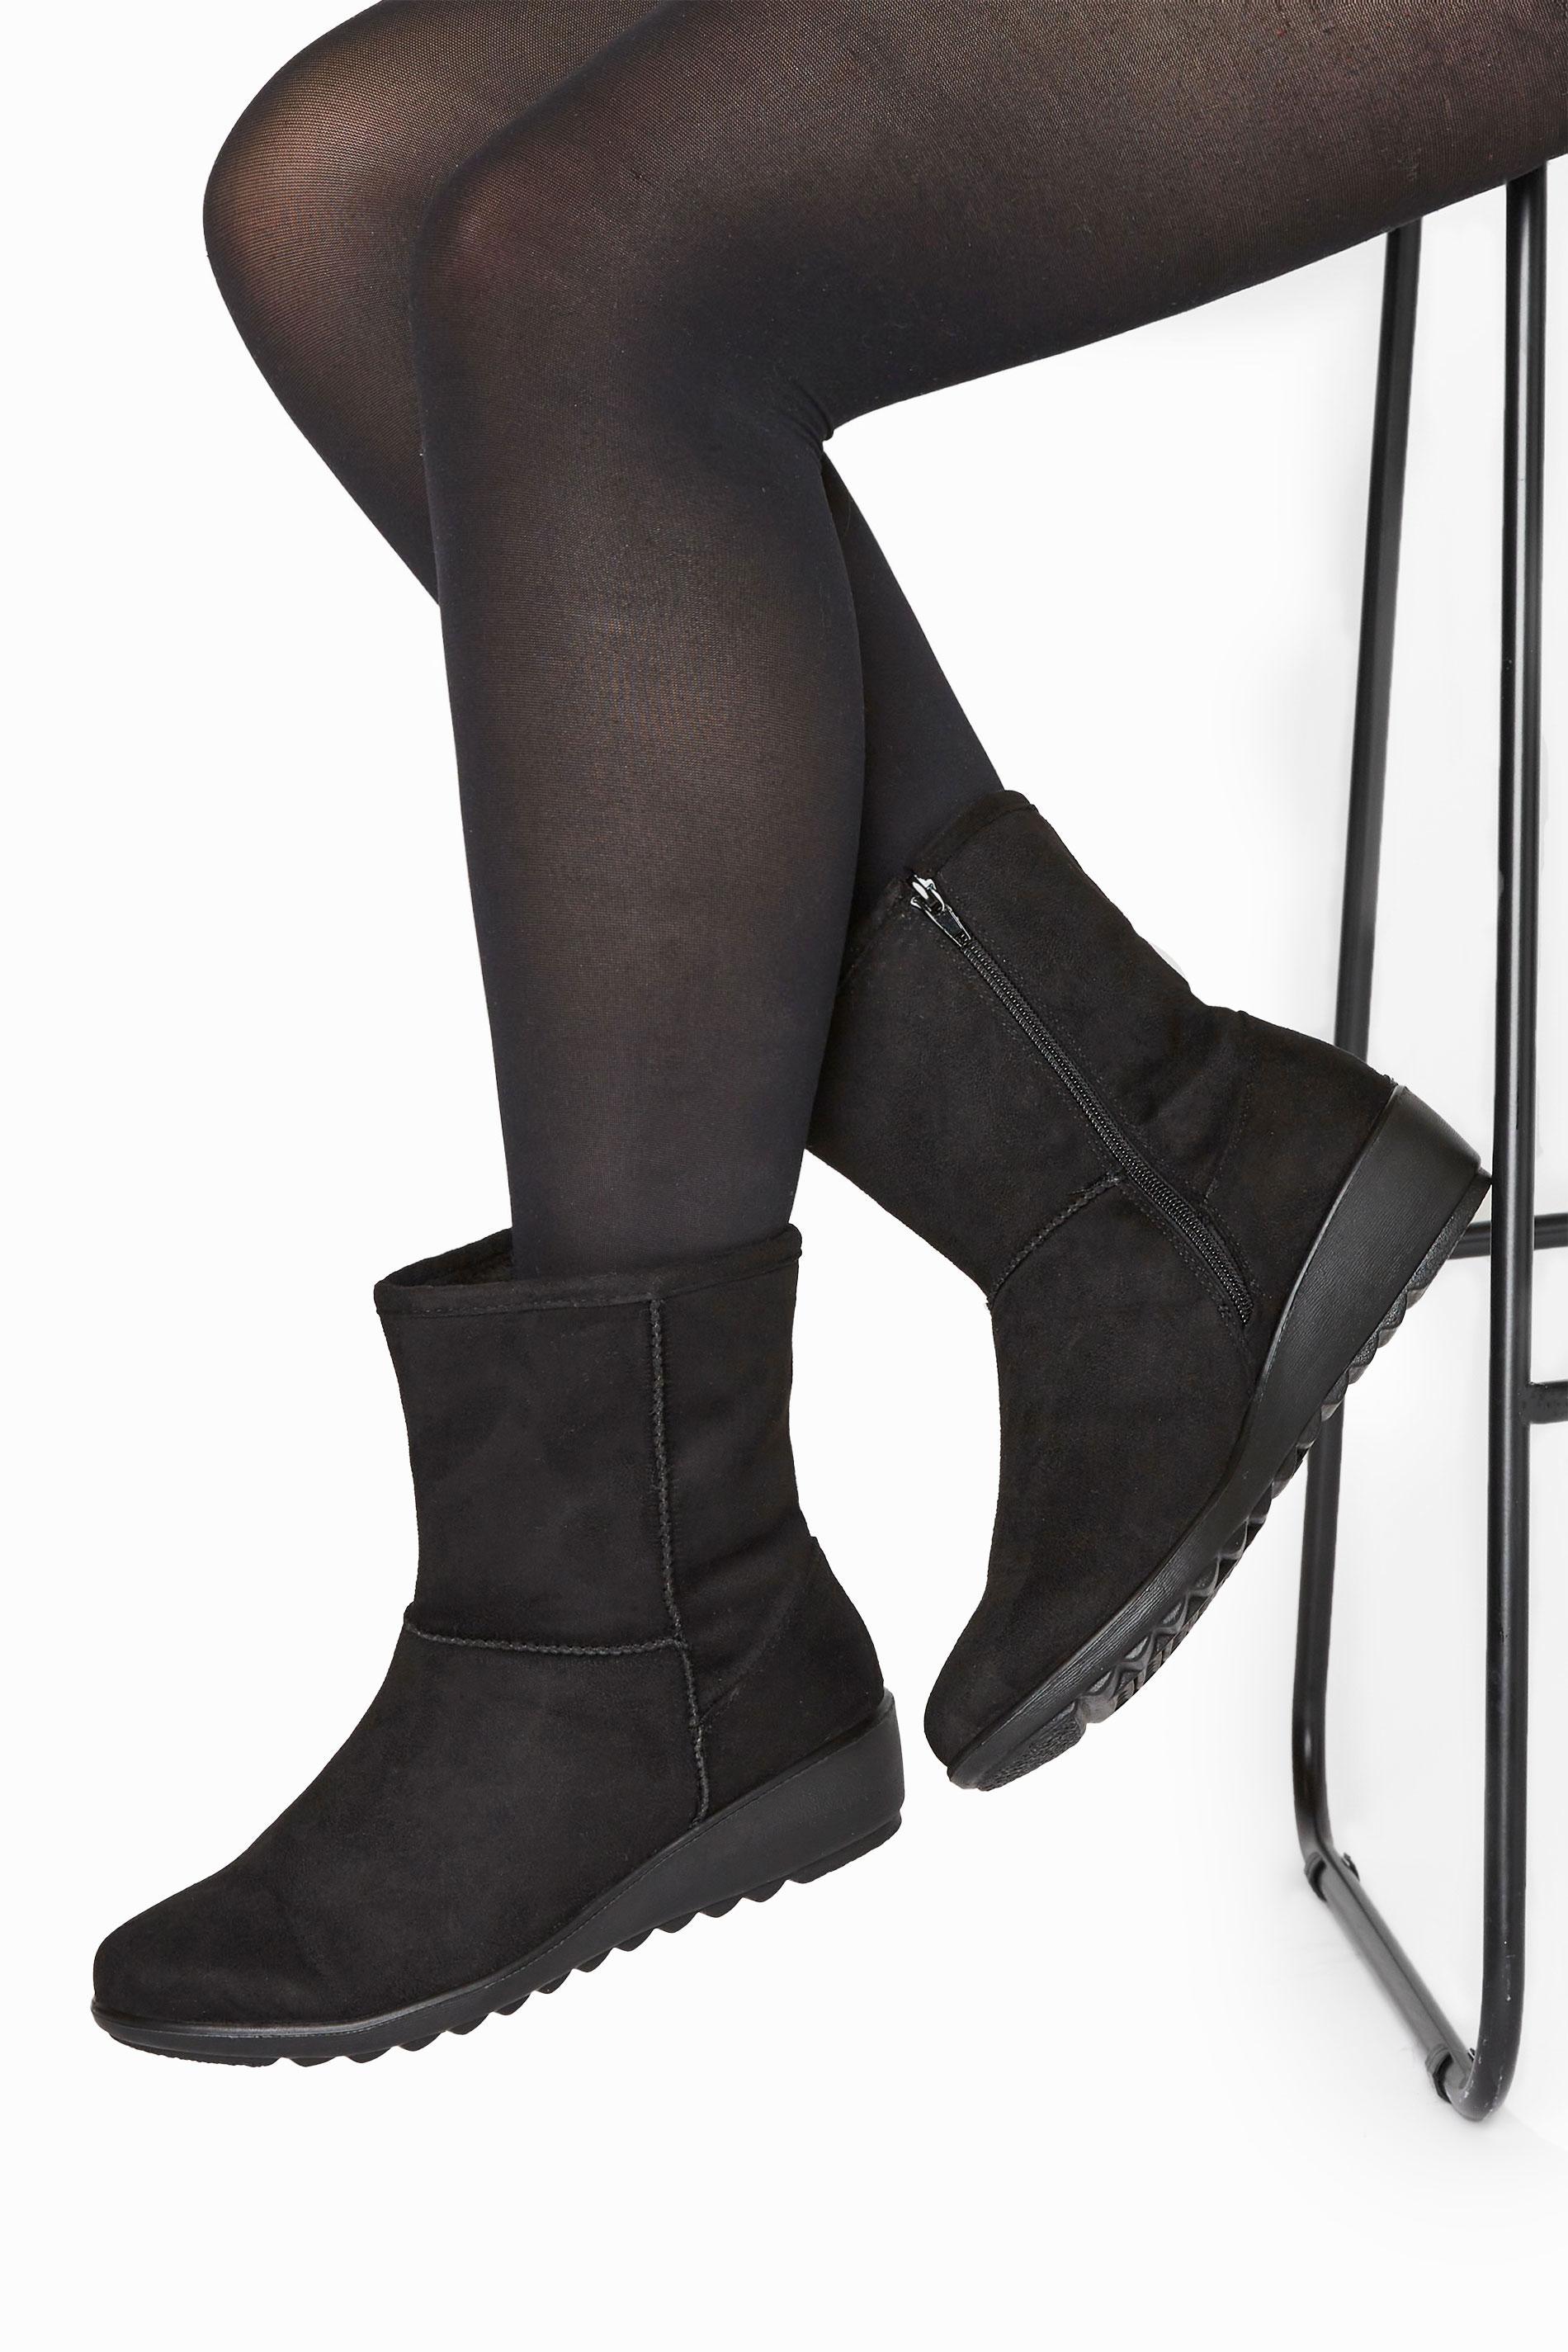 Black Vegan Suede Wedge Heel Boots In Extra Wide Fit